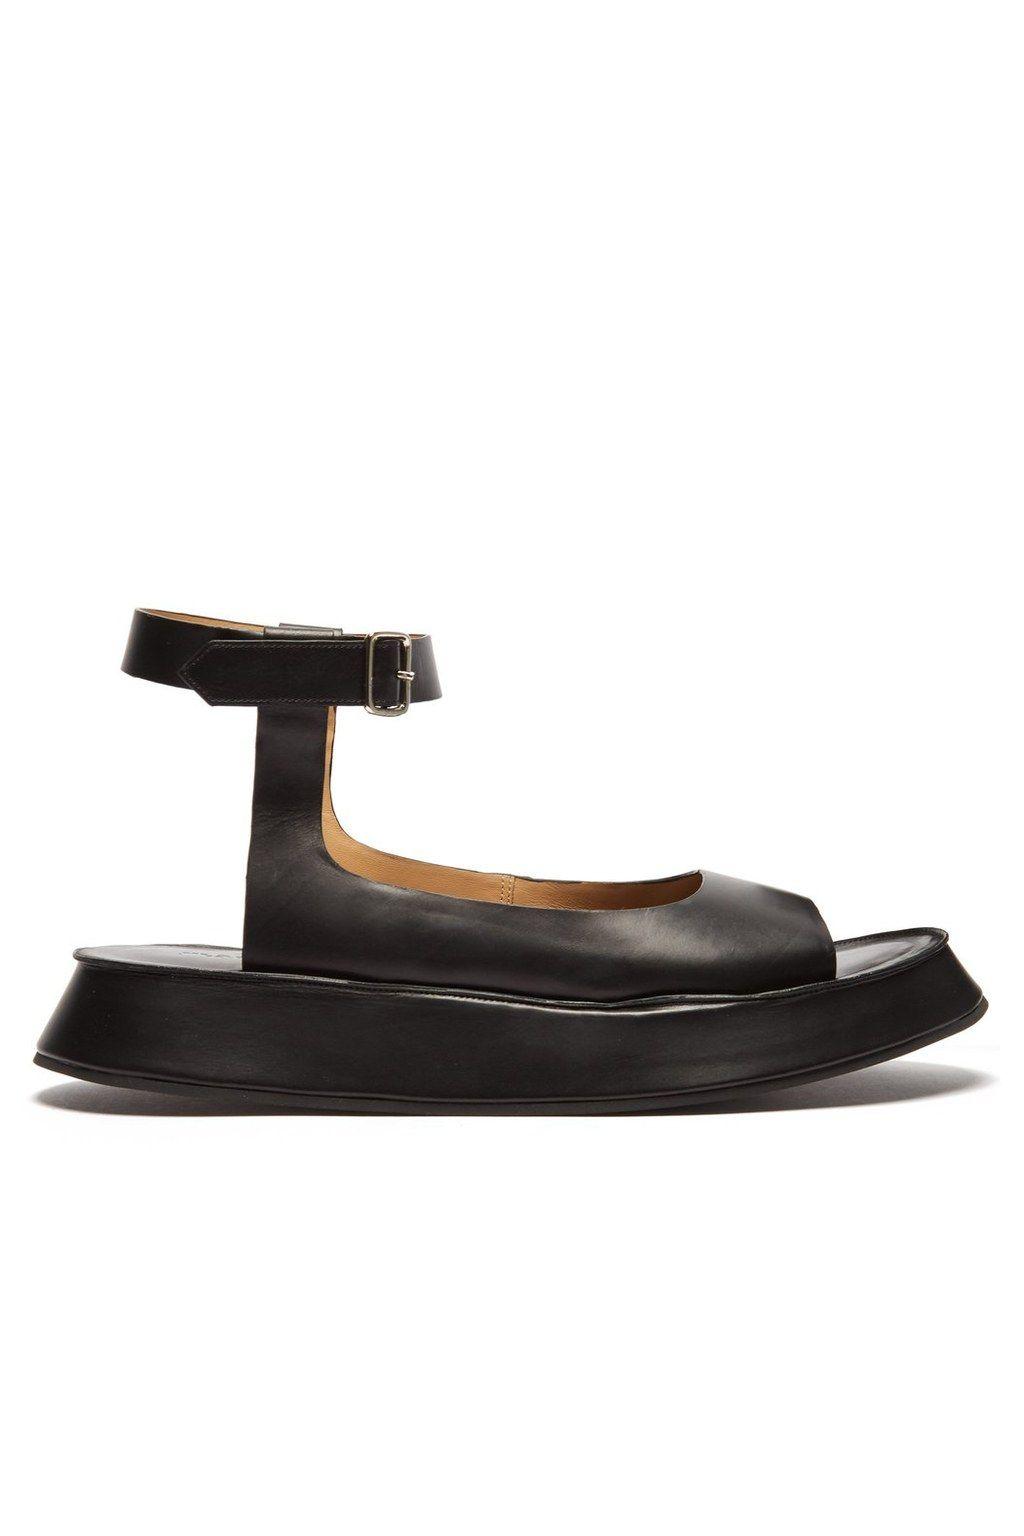 40a0ff5e32 Sandali bassi e comodi primavera estate 2019   shoes   Sandali ...